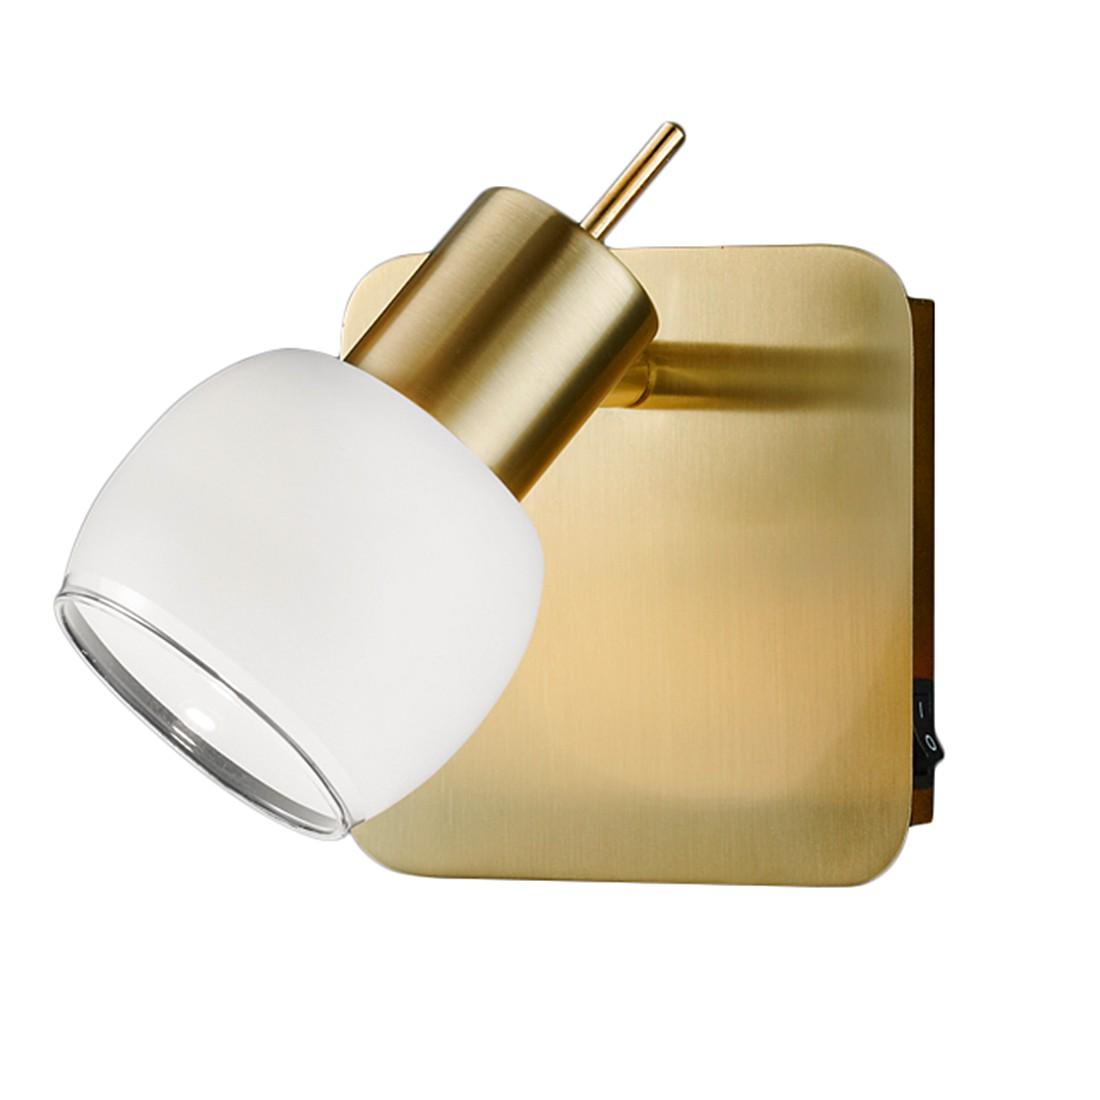 LED-Balken – Messing matt – 1×4,5 W, Trio online kaufen